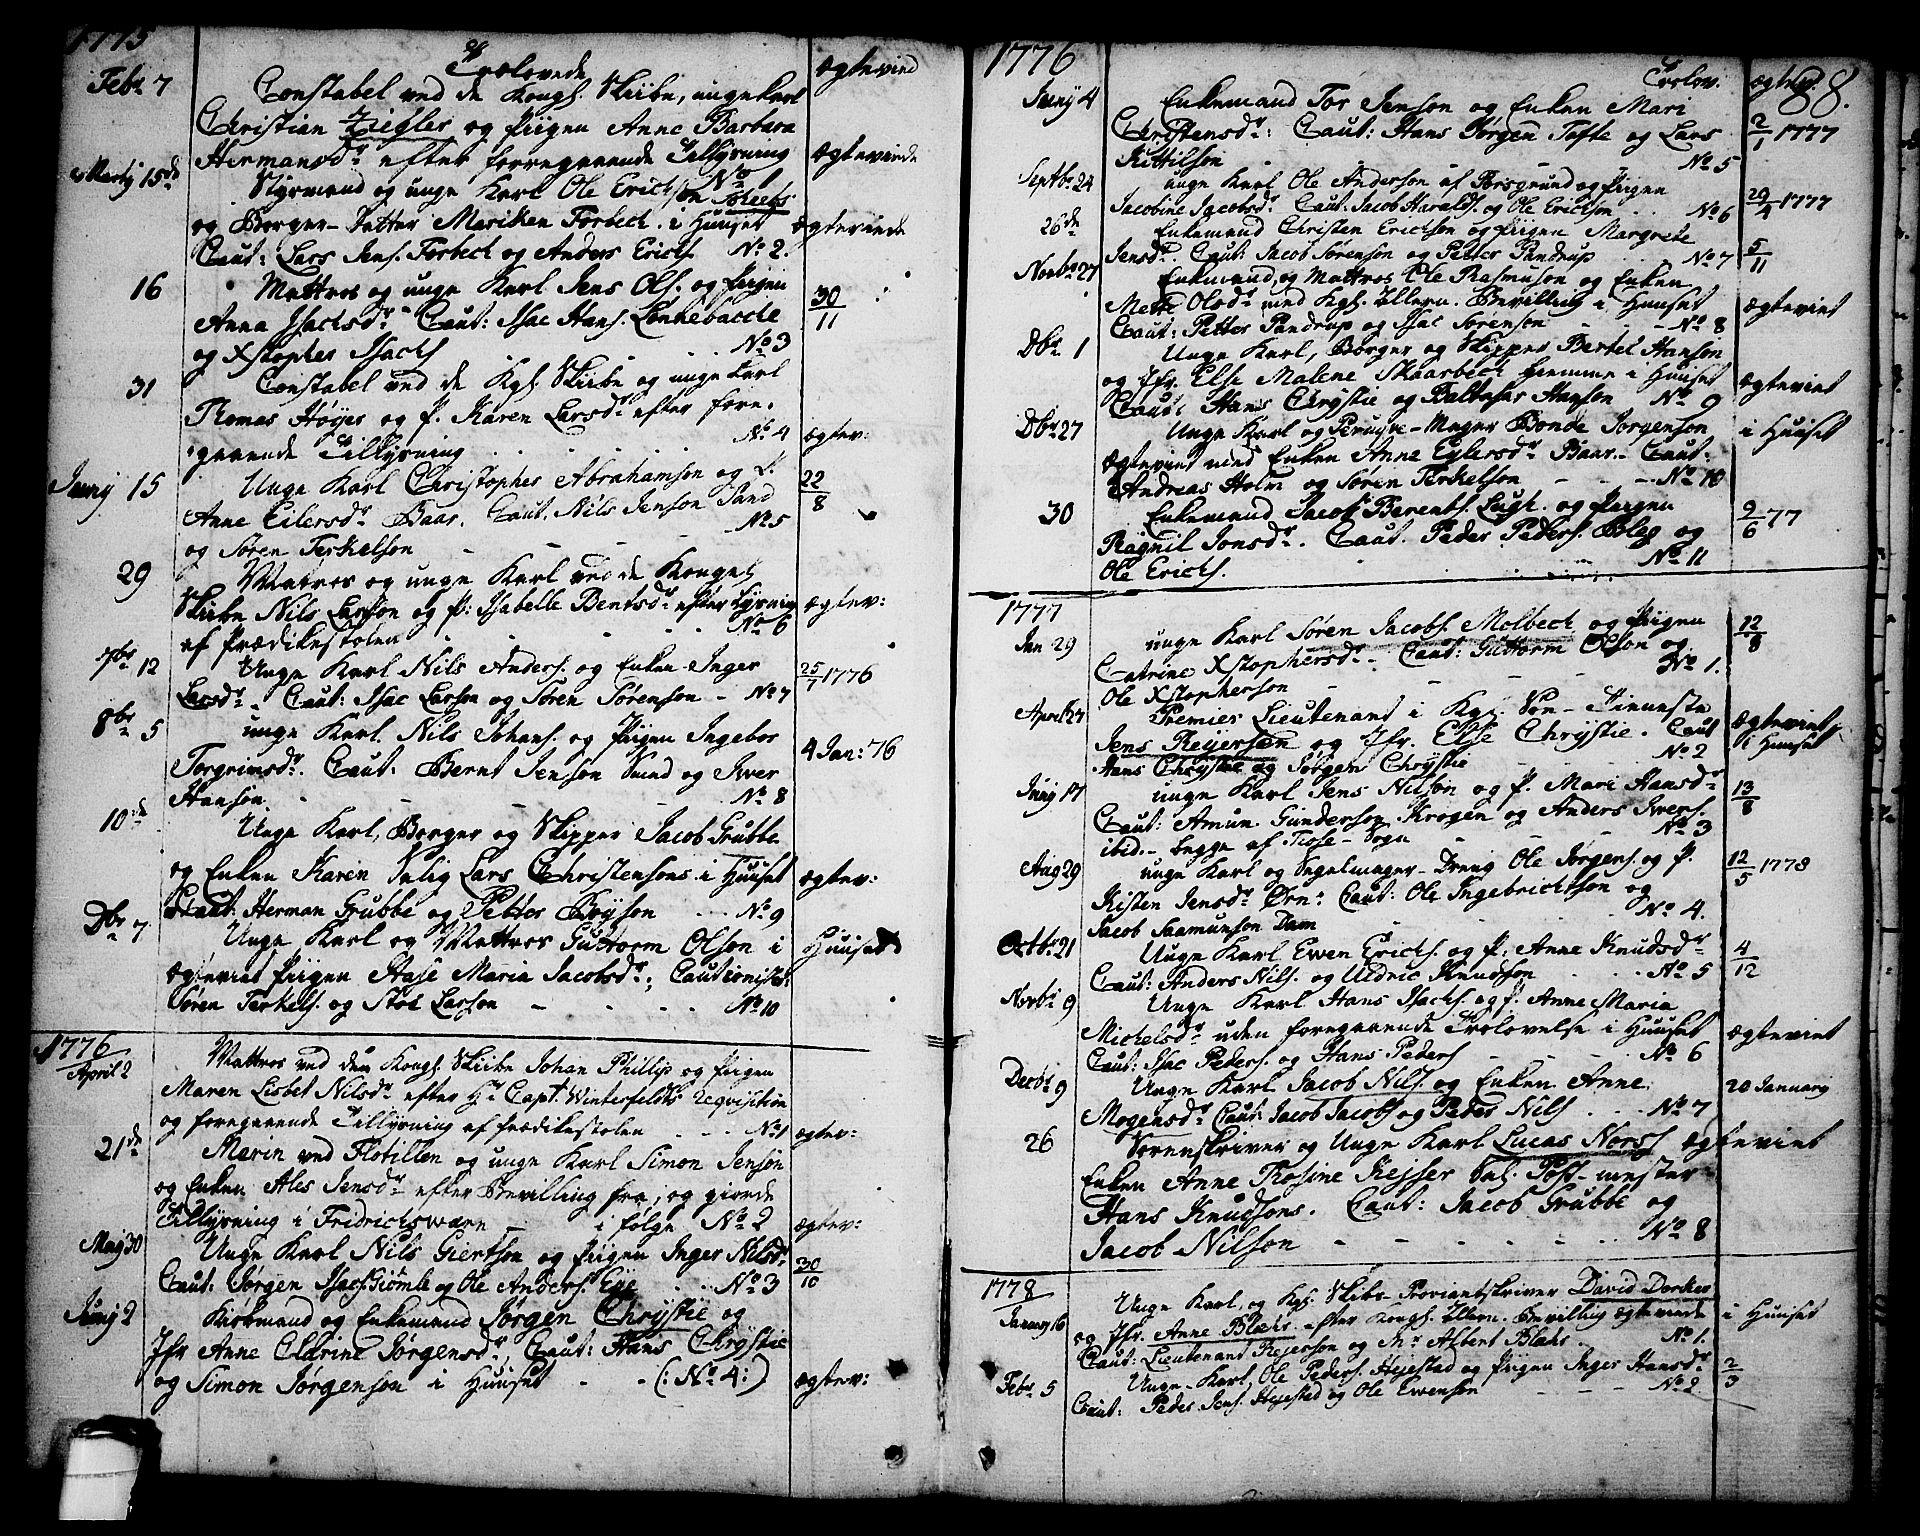 SAKO, Brevik kirkebøker, F/Fa/L0003: Ministerialbok nr. 3, 1764-1814, s. 88